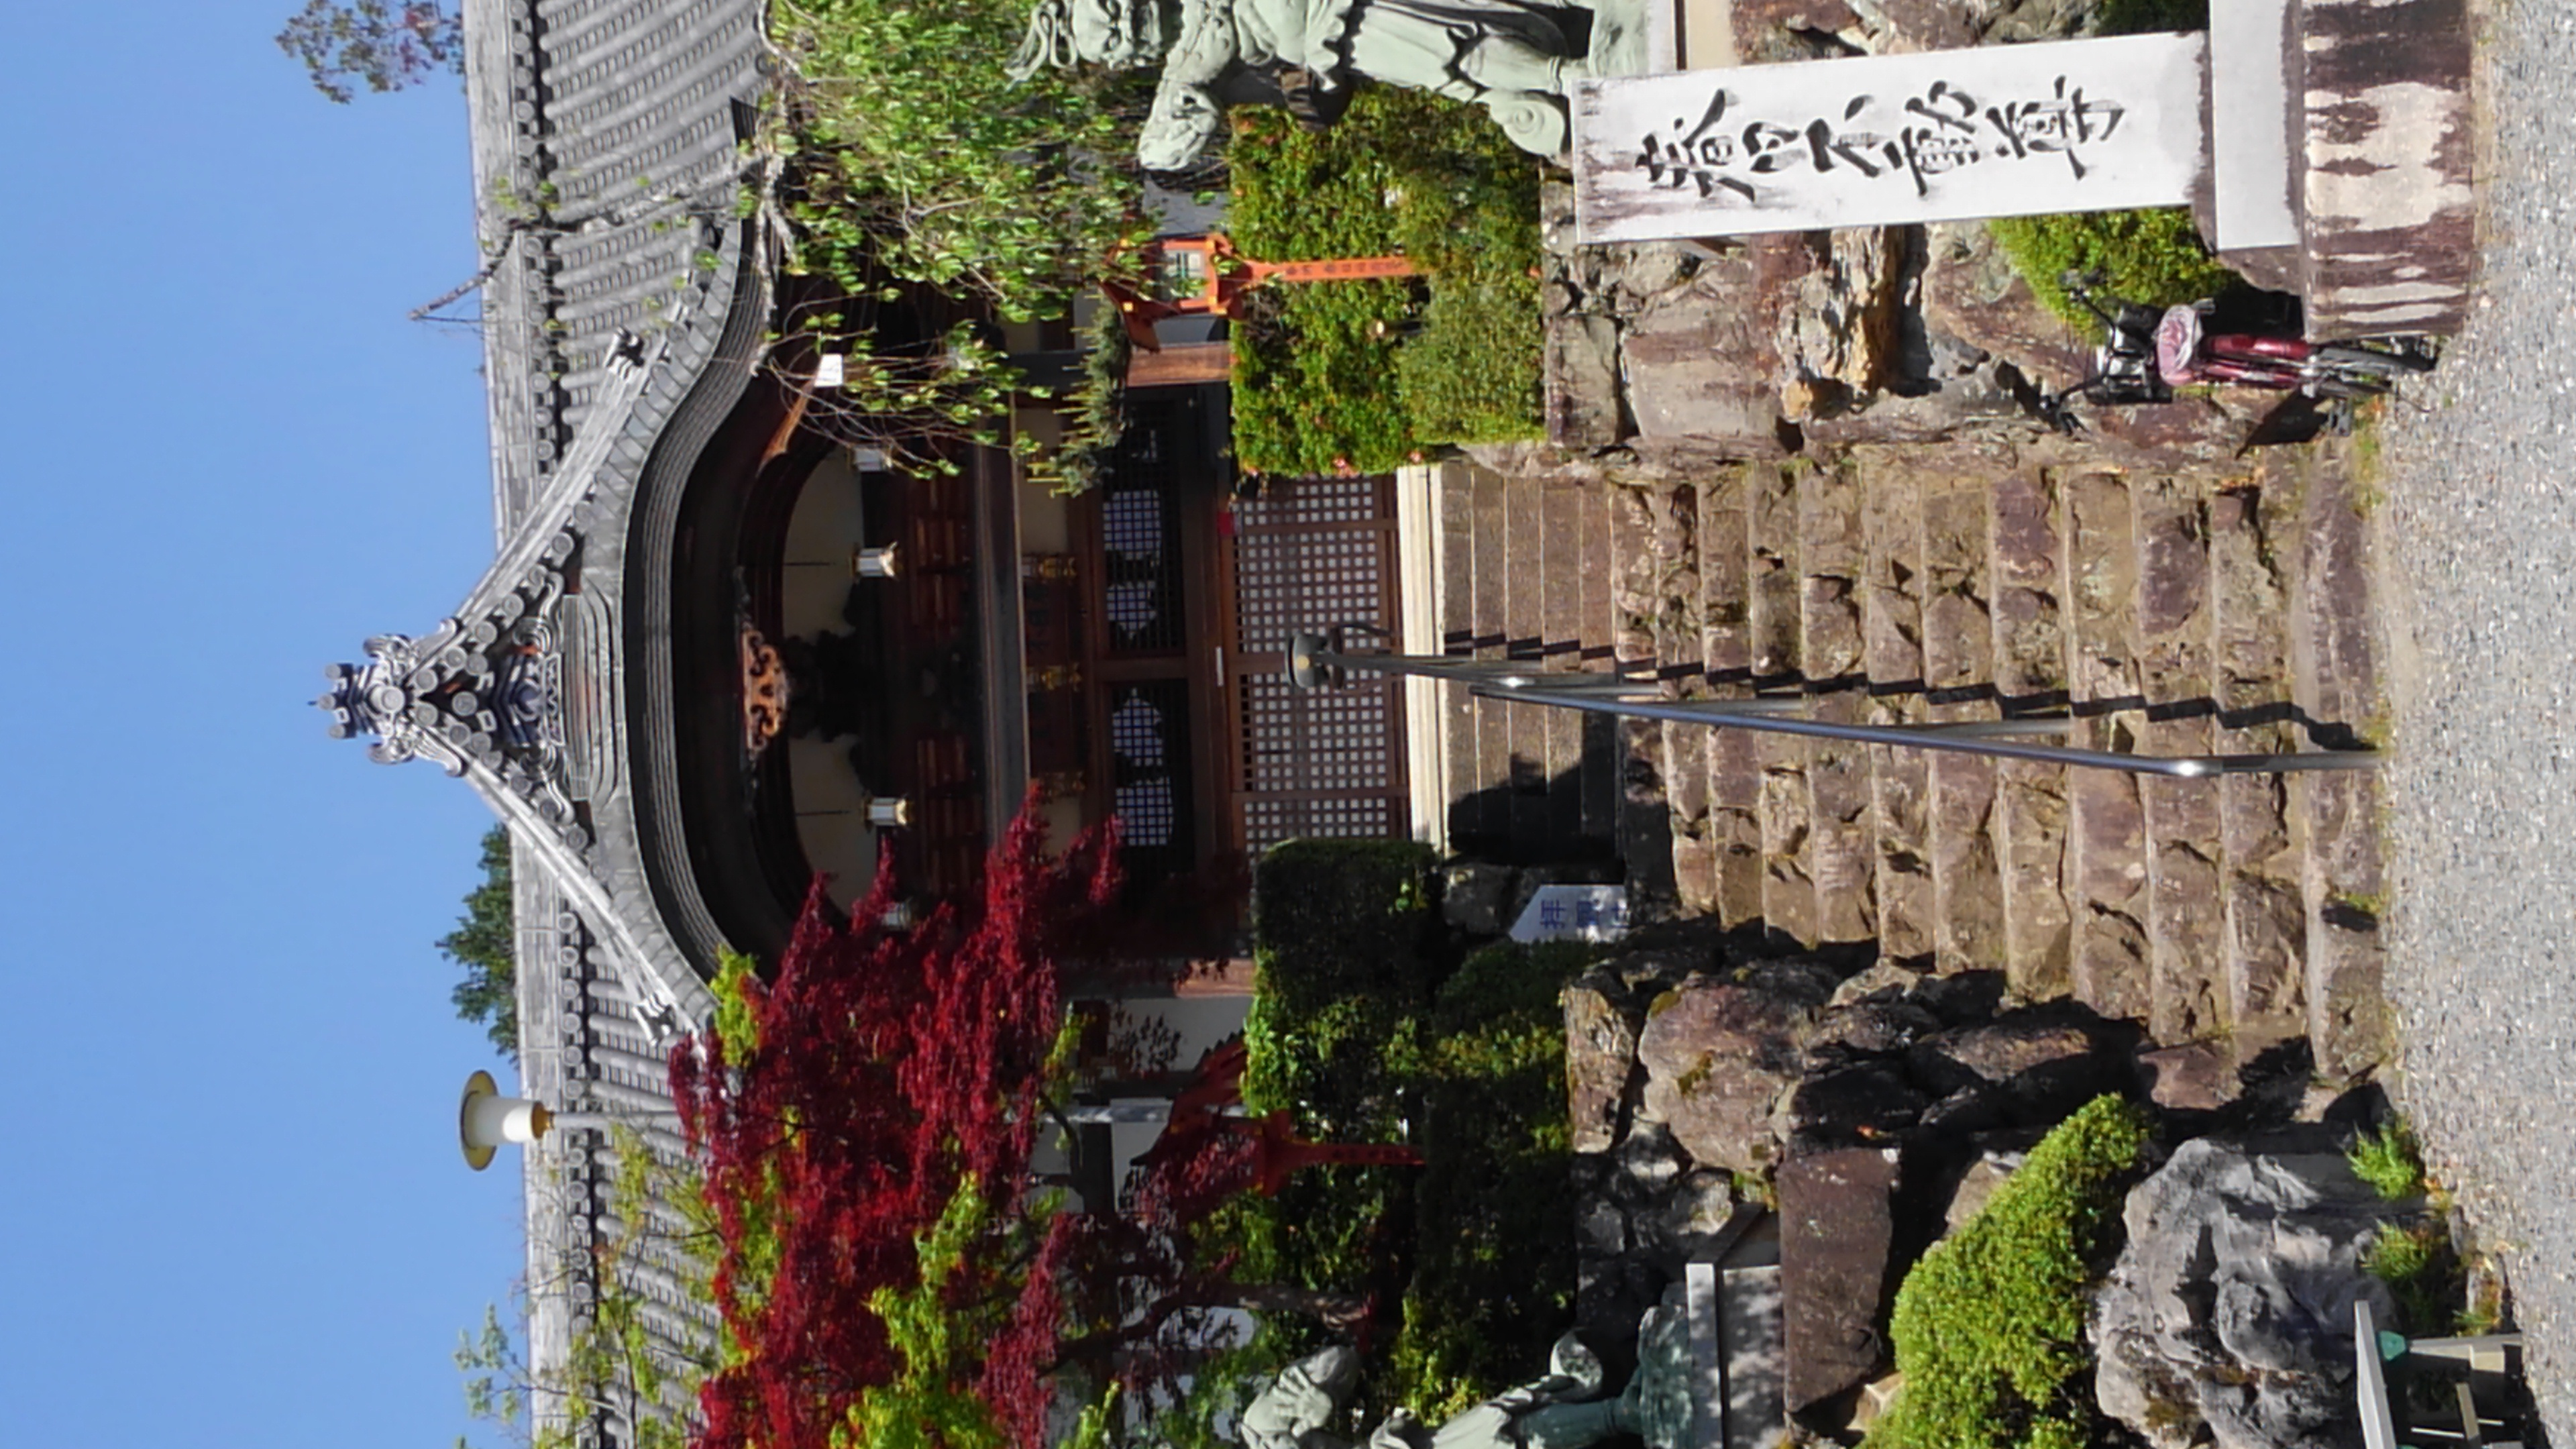 令和元年5月4日、初写経を正法寺さんでさせて頂きました🙏